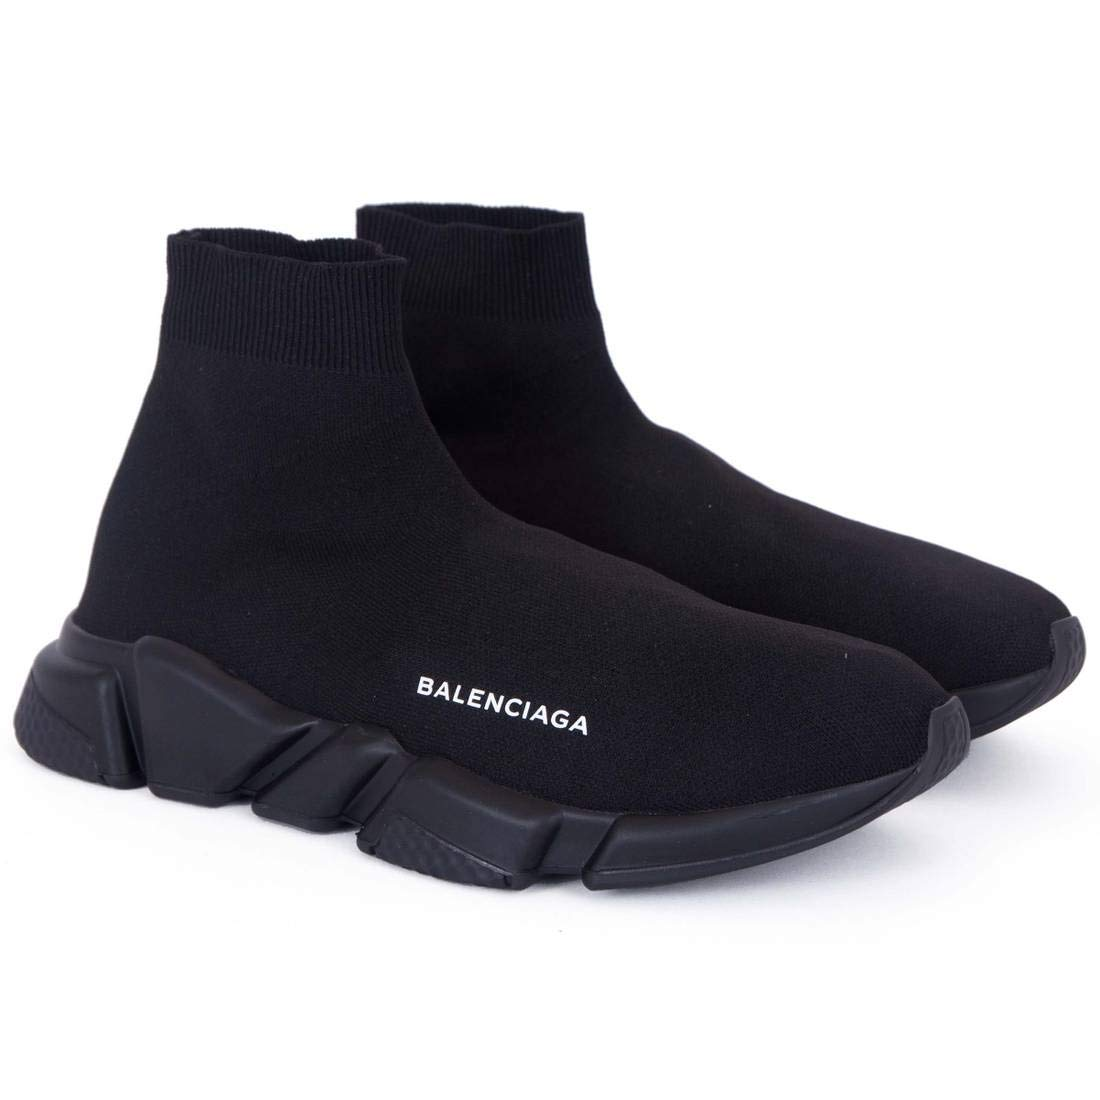 Màu đen bao trùm đôi Balenciaga Speed Trainer Triple Black